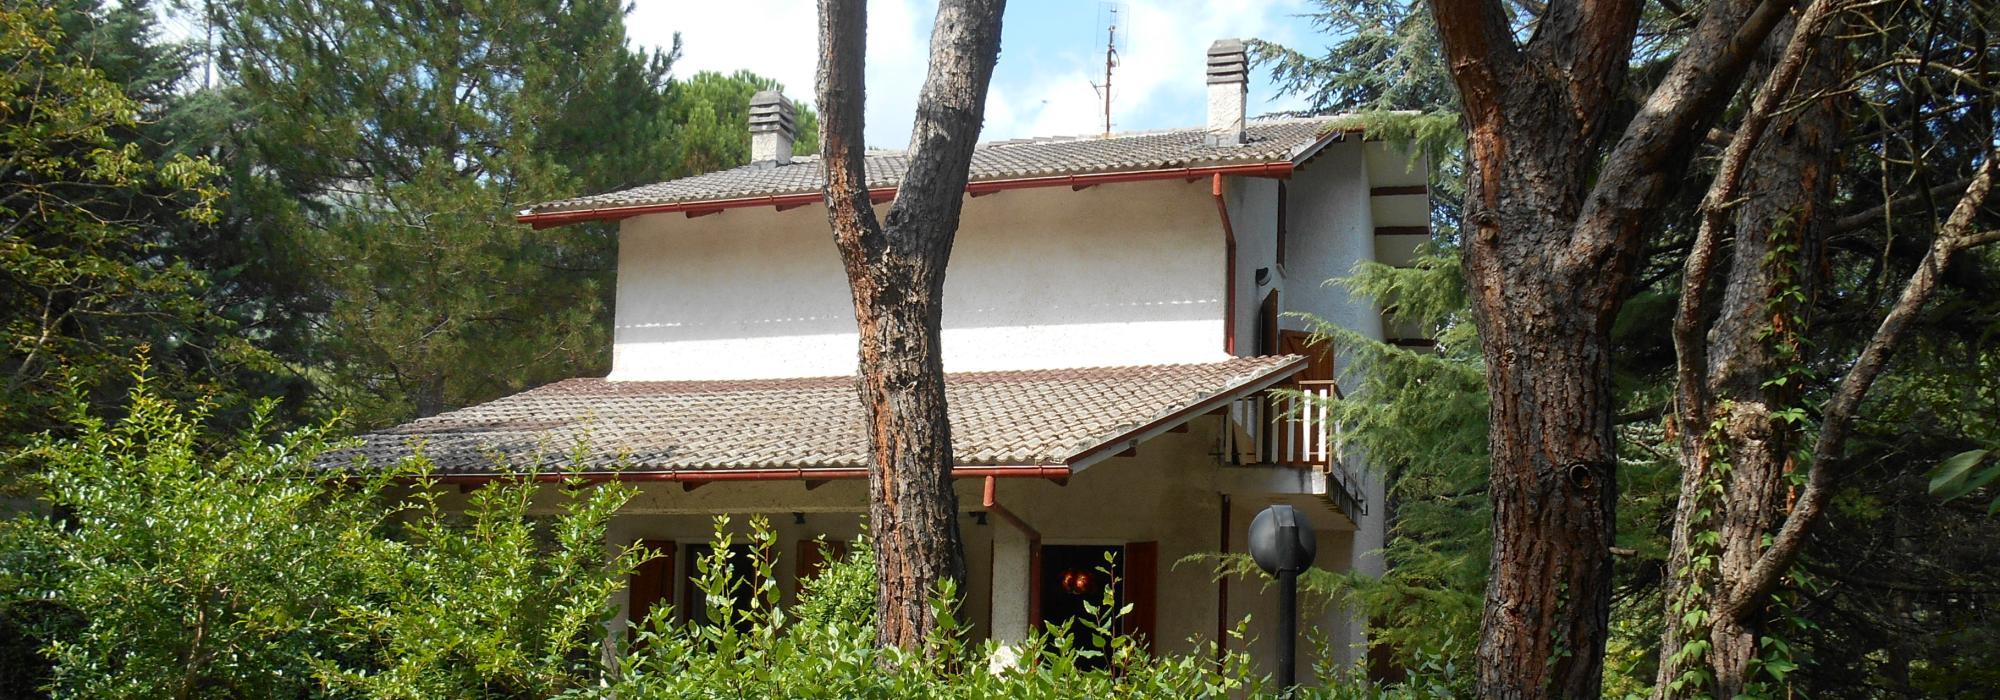 164 – Villa Villaggio Turistico